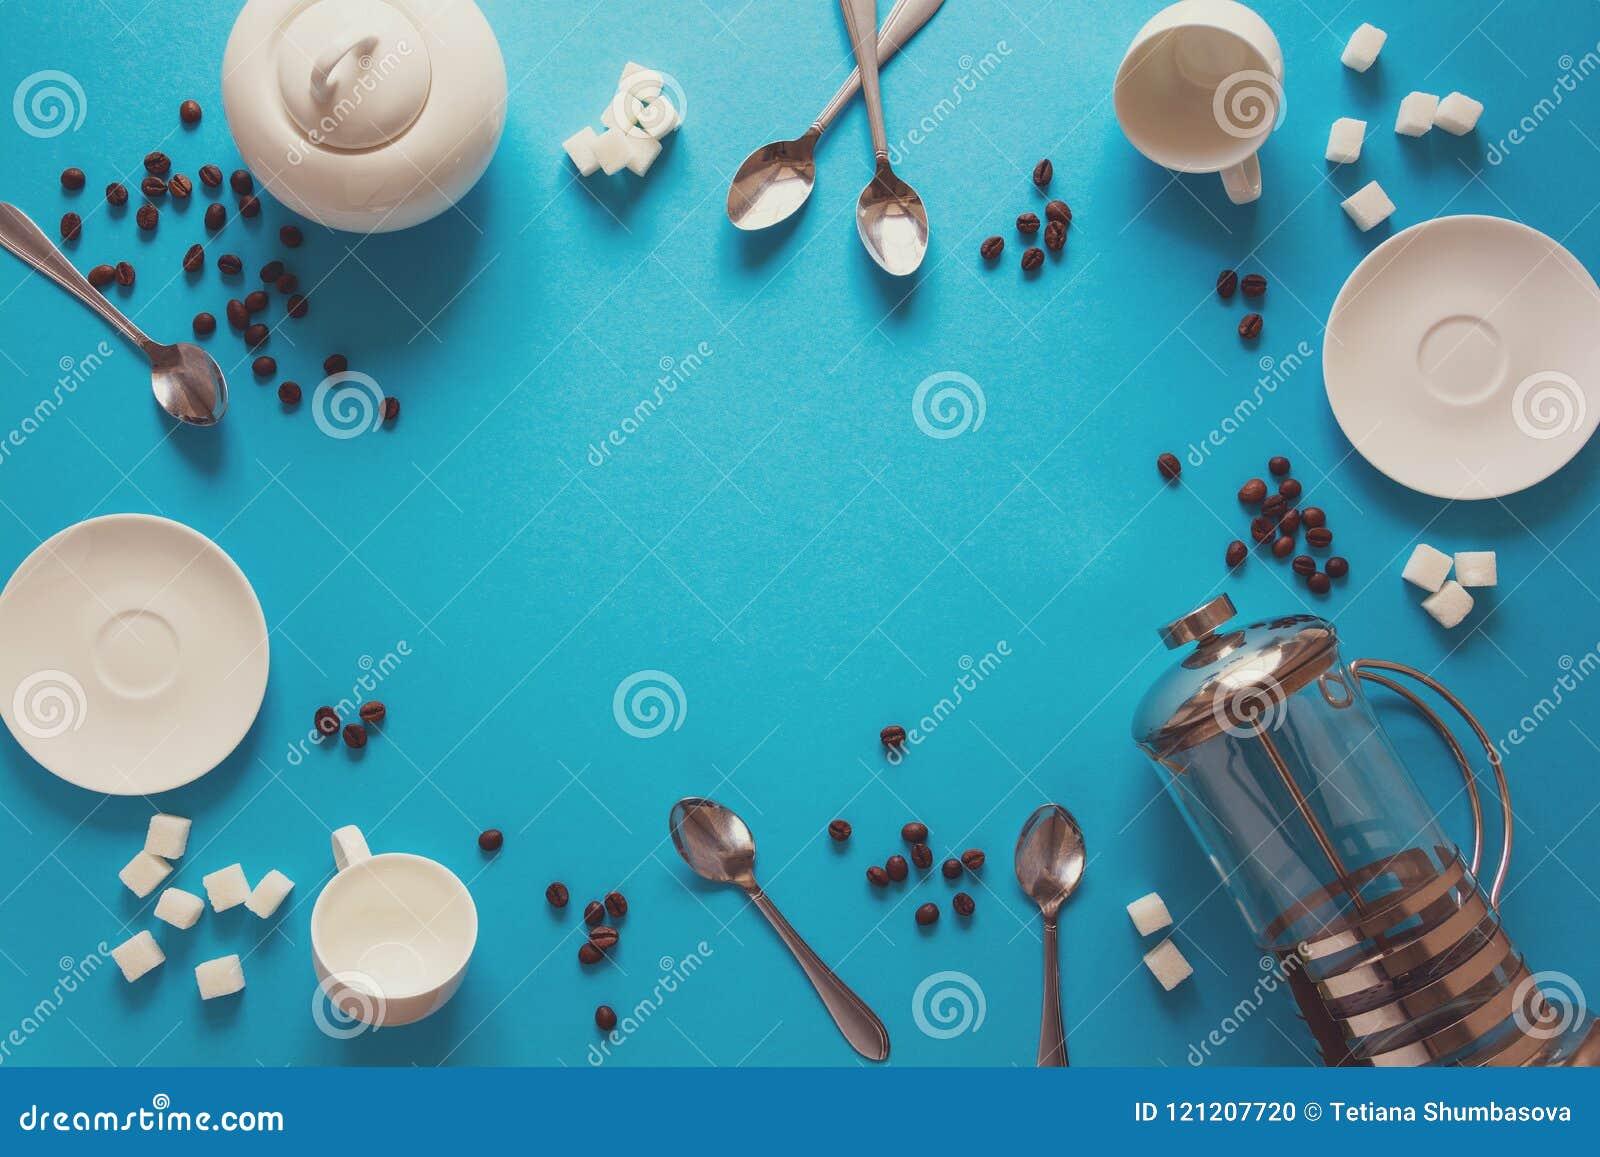 Различный кофе делая аксессуары: Французские пресса кофе, чашки, поддонники, кофейные зерна, ложки и сахар на предпосылке голубой